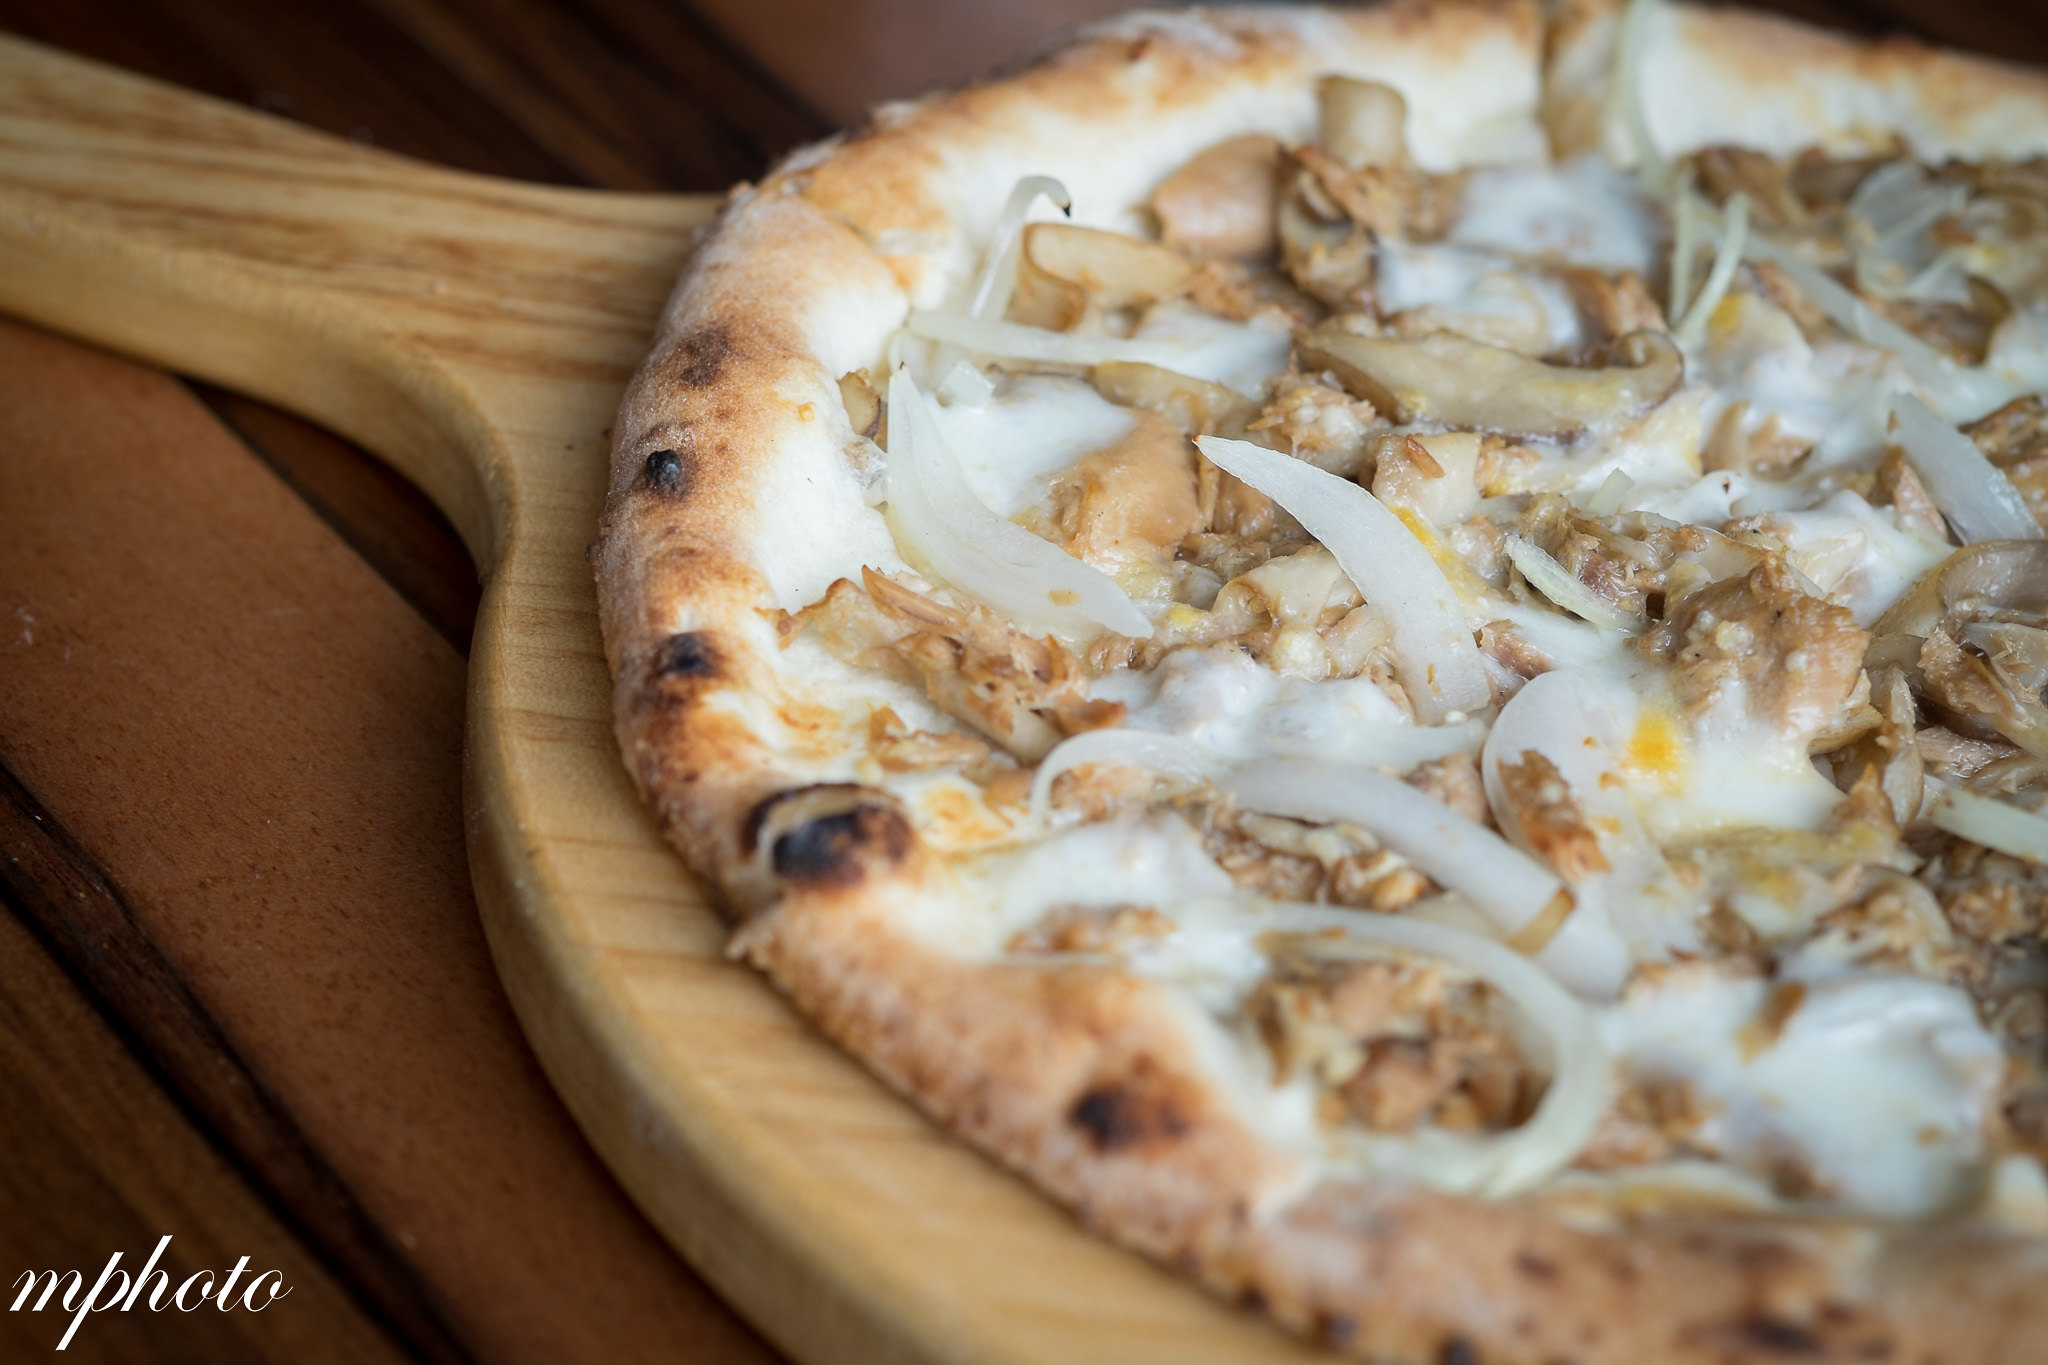 薄多義 義式手工披薩 bite2eatpizza | 台中餐廳 美食 義大利麵